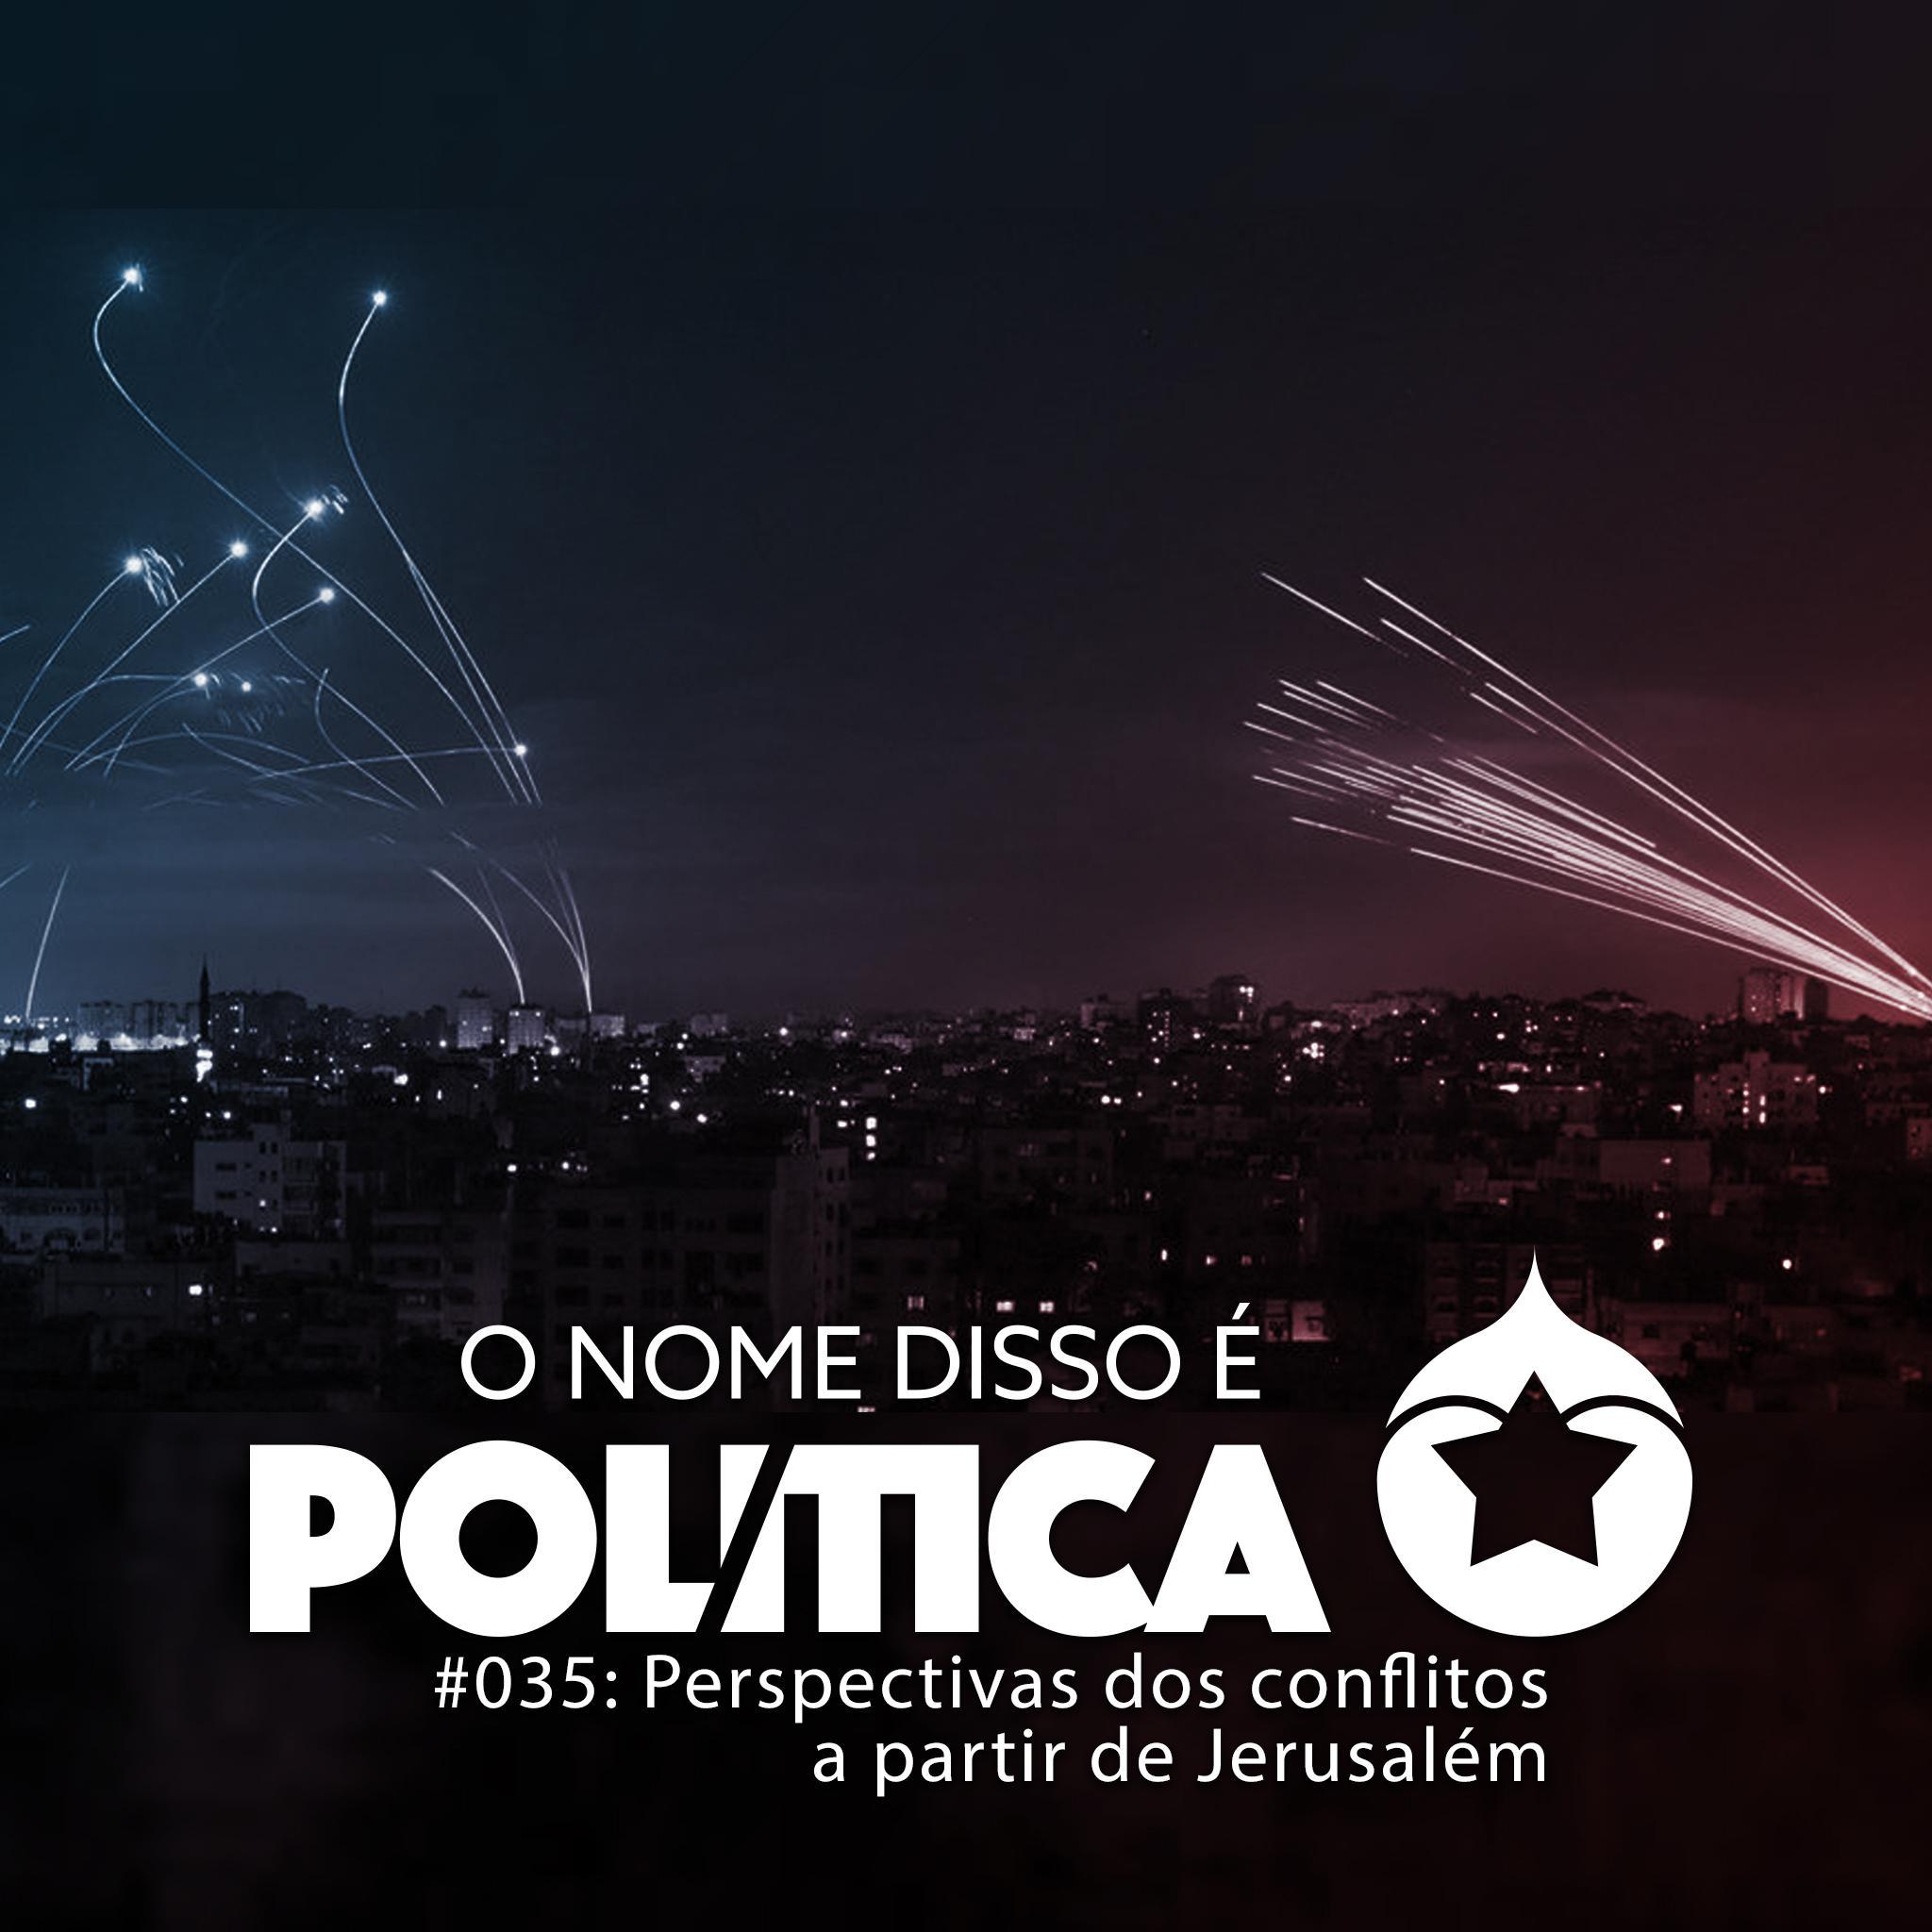 ONDE Política #035 – Perspectivas dos conflitos a partir de Jerusalém show art